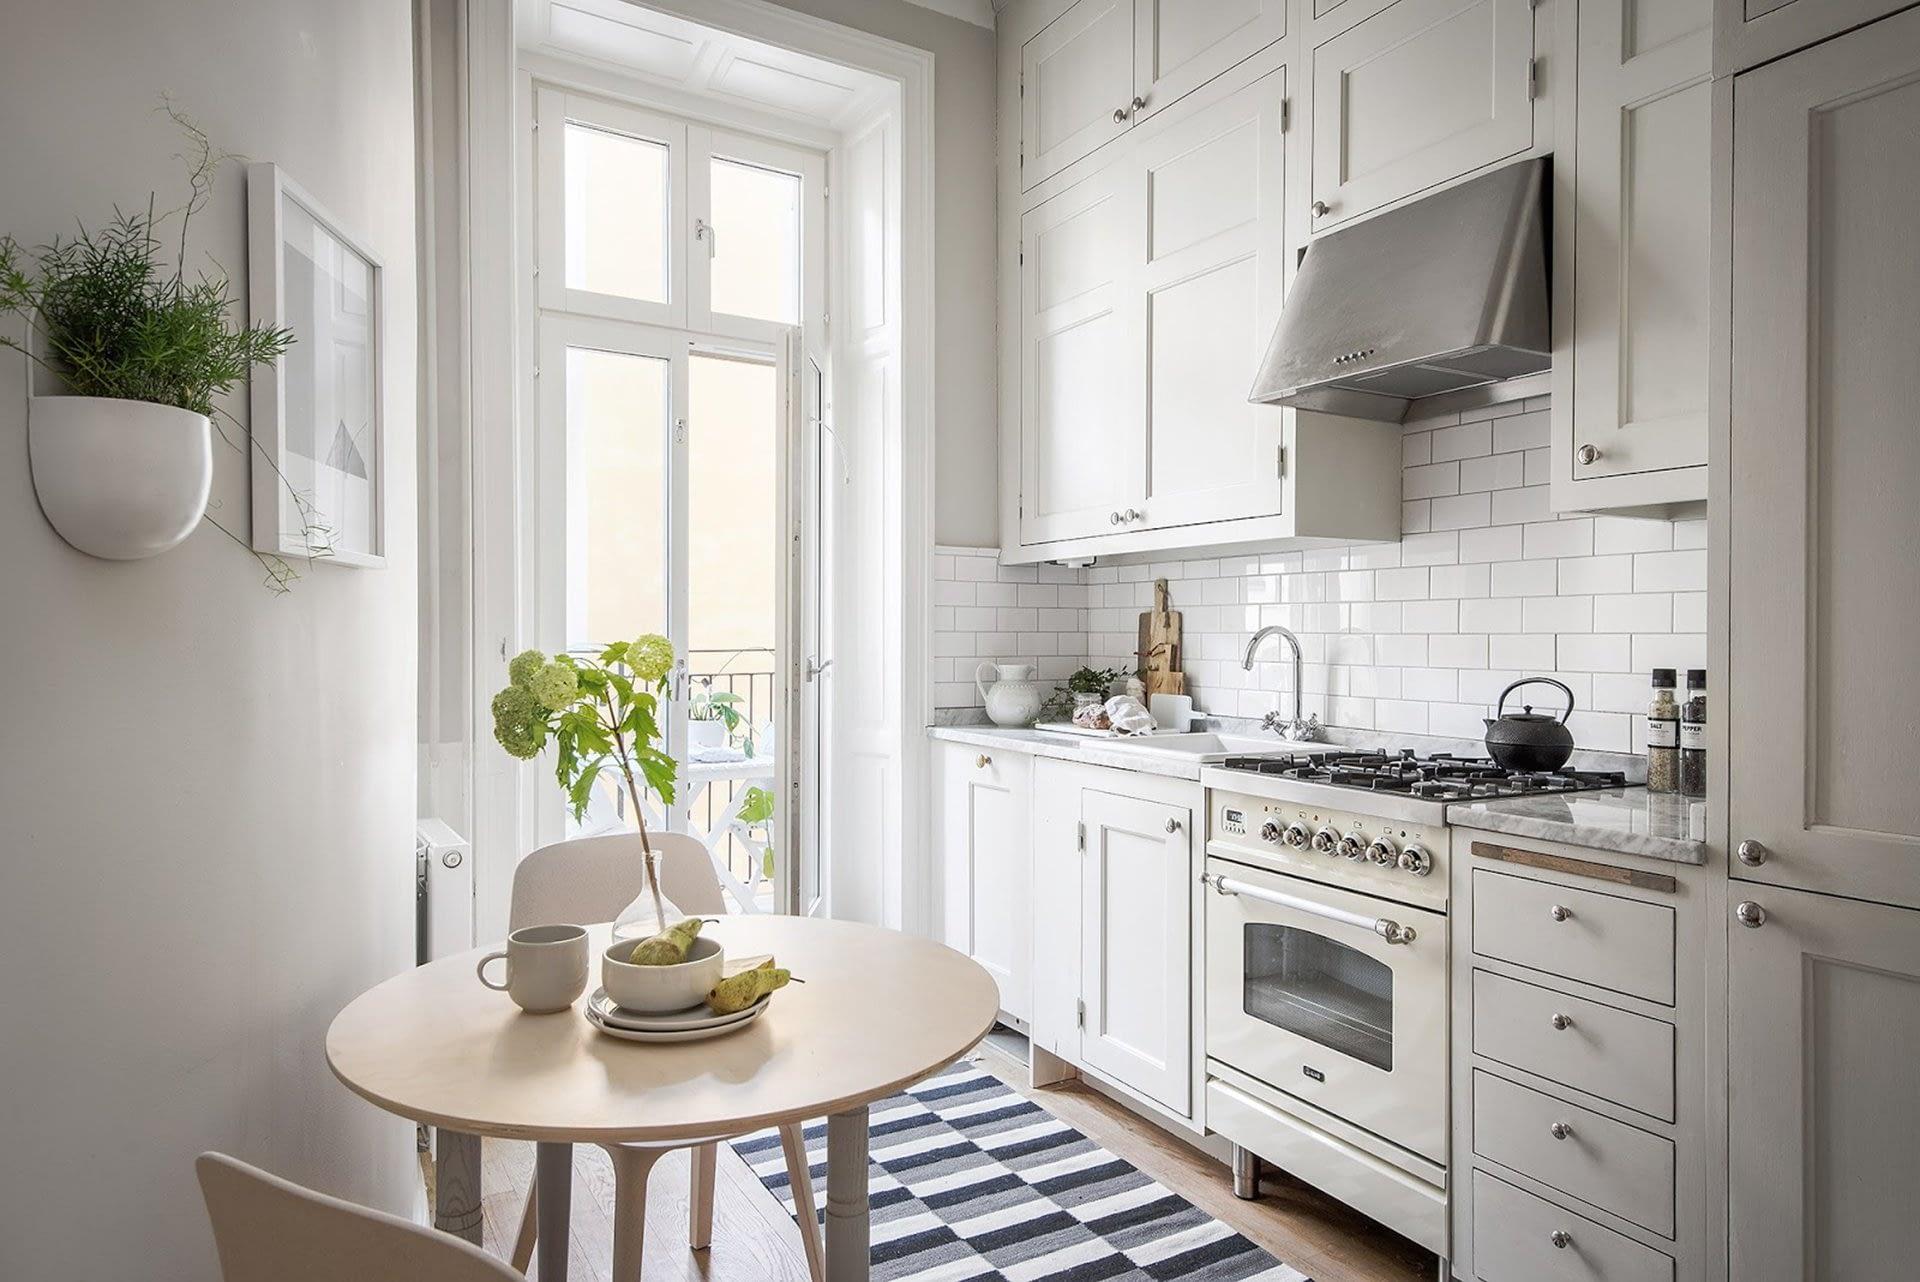 Amenajare scandinava in tonuri naturale de culoare intr-un apartament de 43 mp. 17